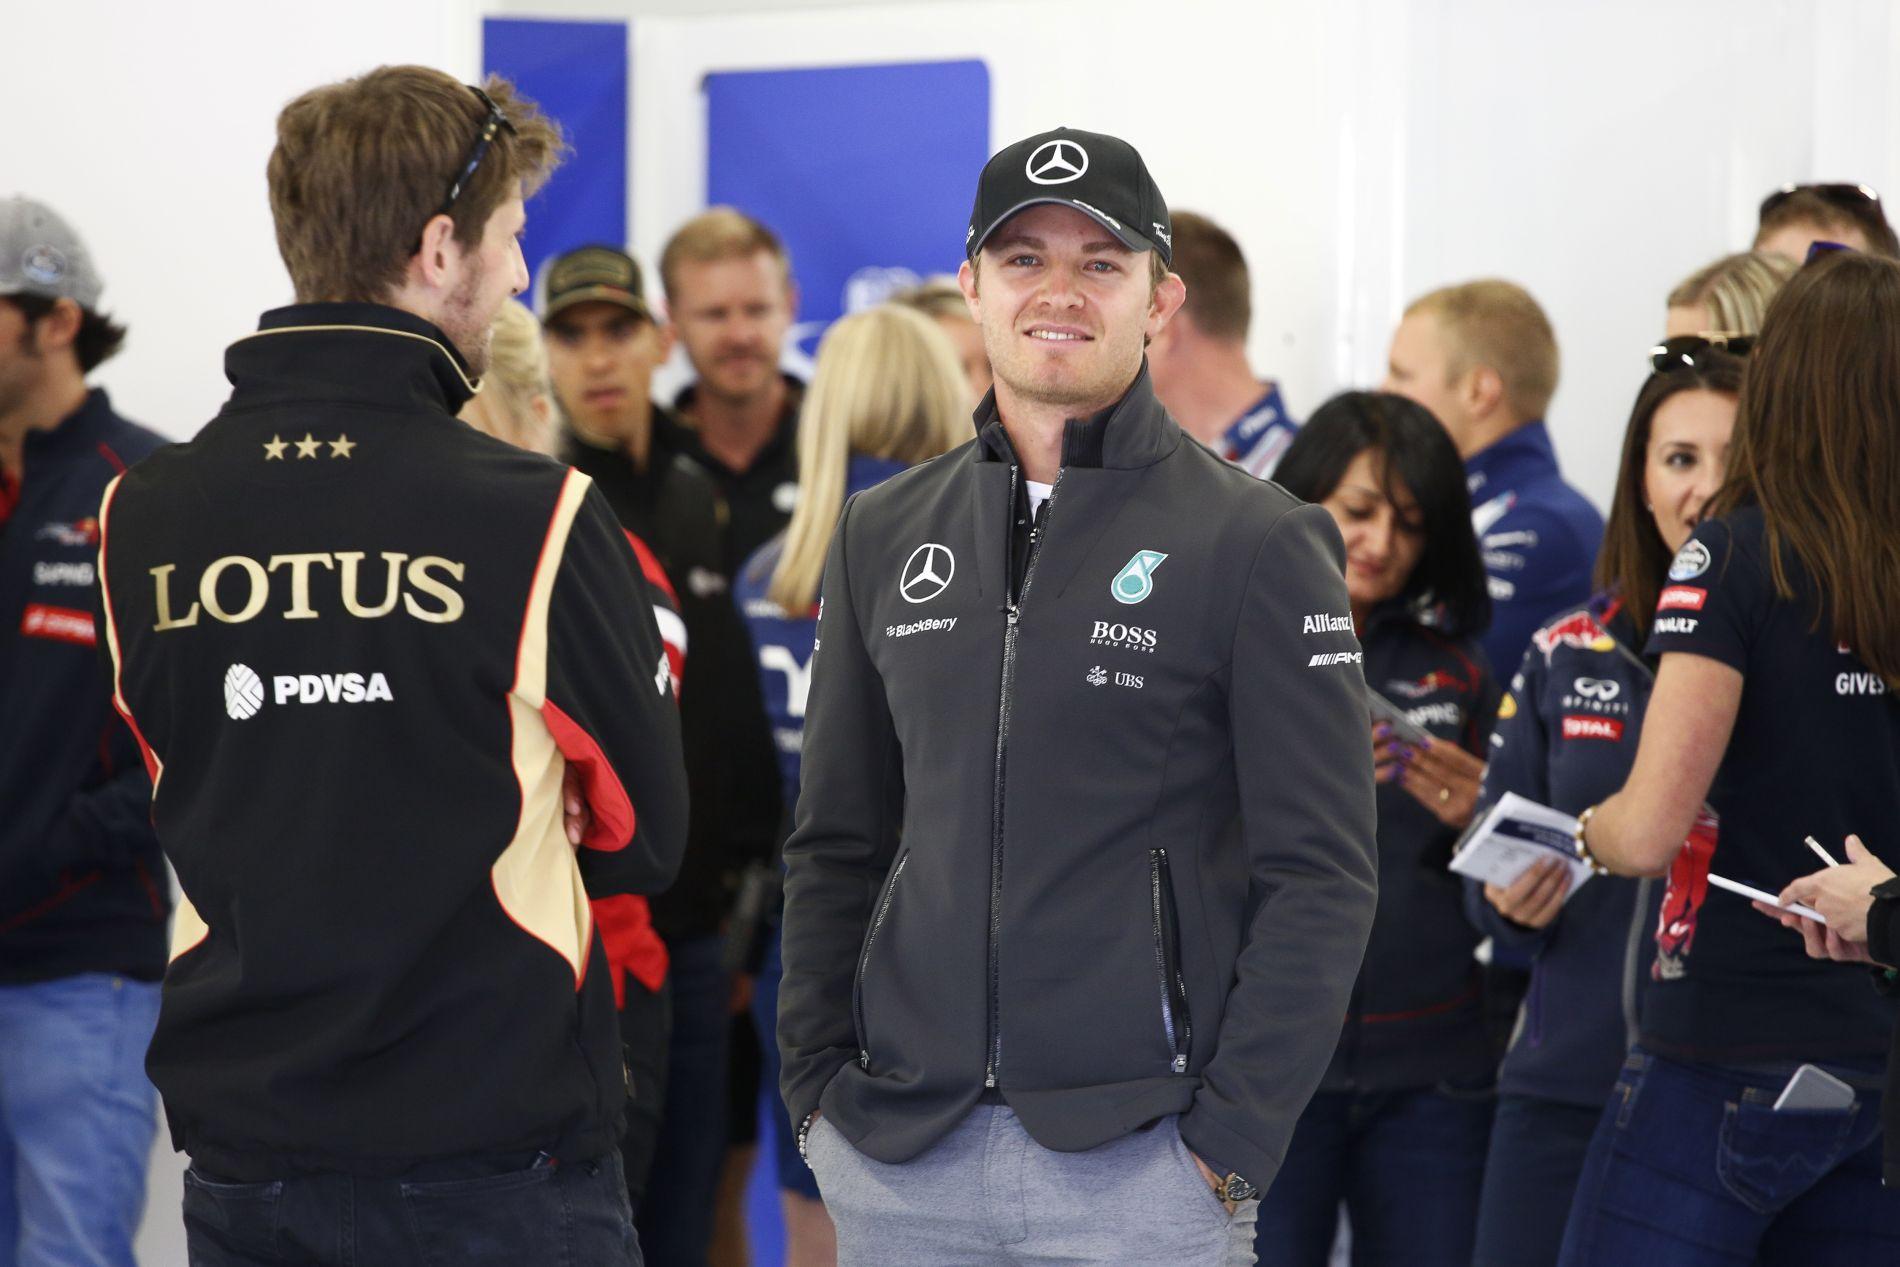 Egy biztos: nem fogják Mercedesnek hívni Rosberg lányát